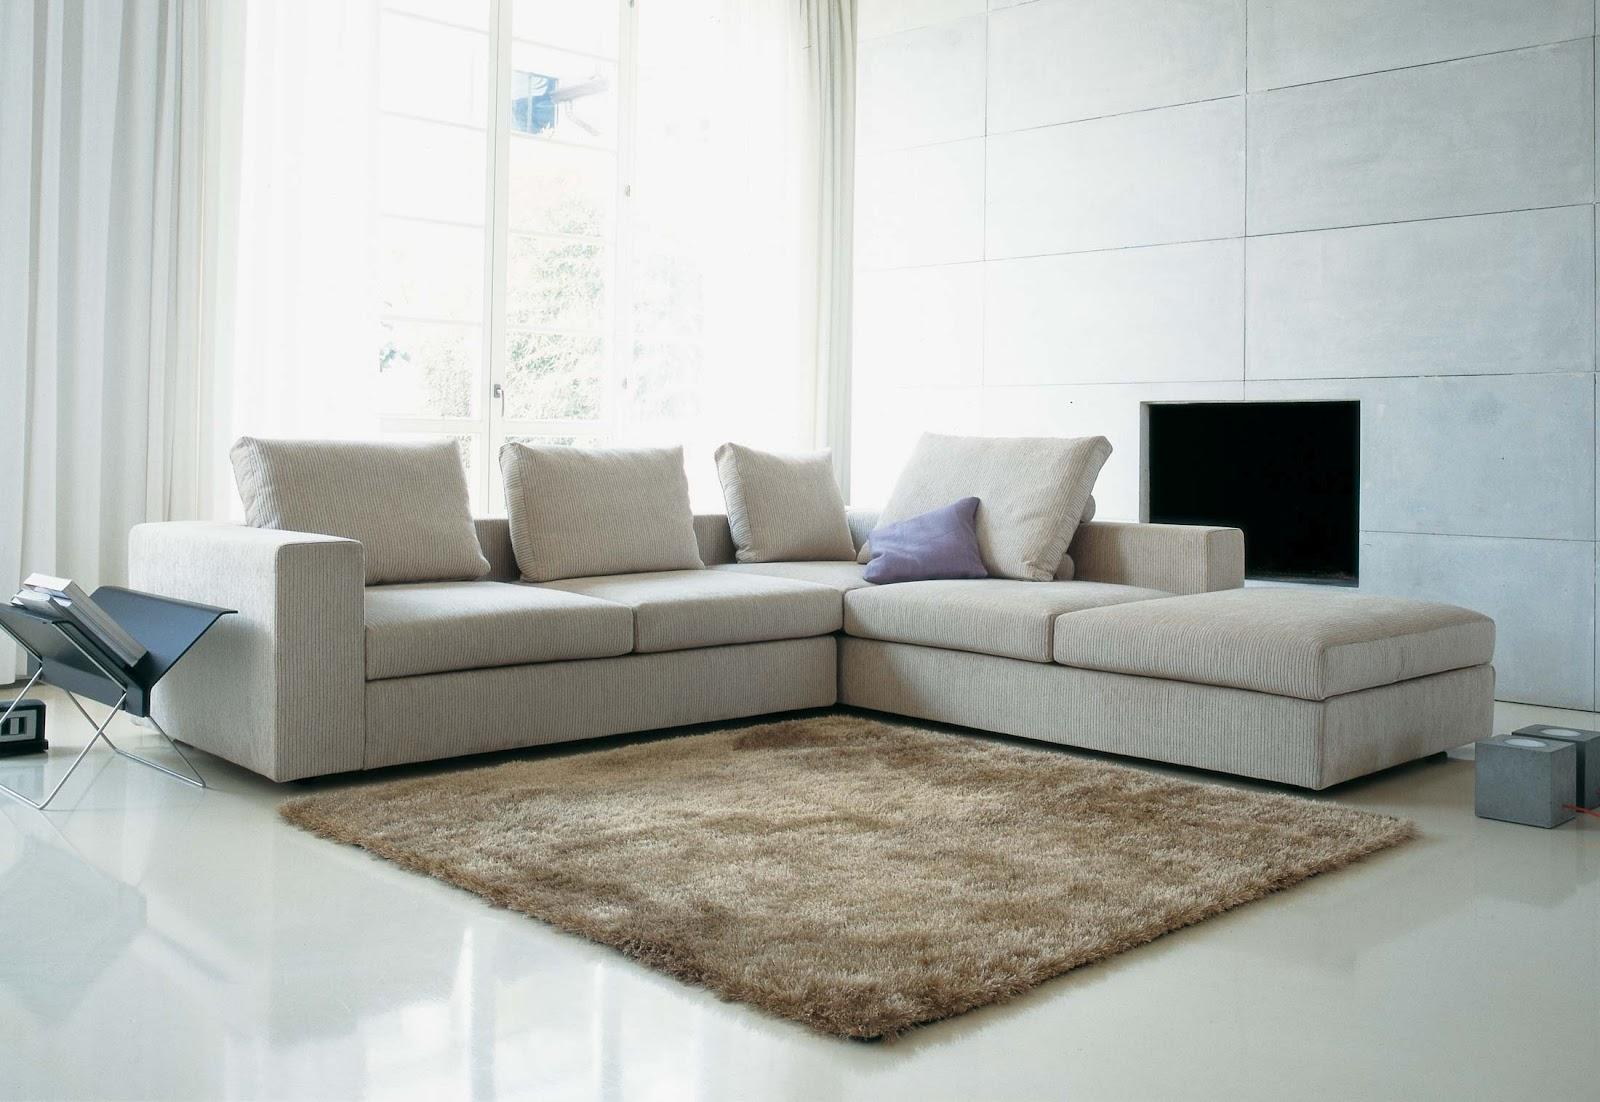 Beta Sofa By Zanotta Designer Furniture Fitted